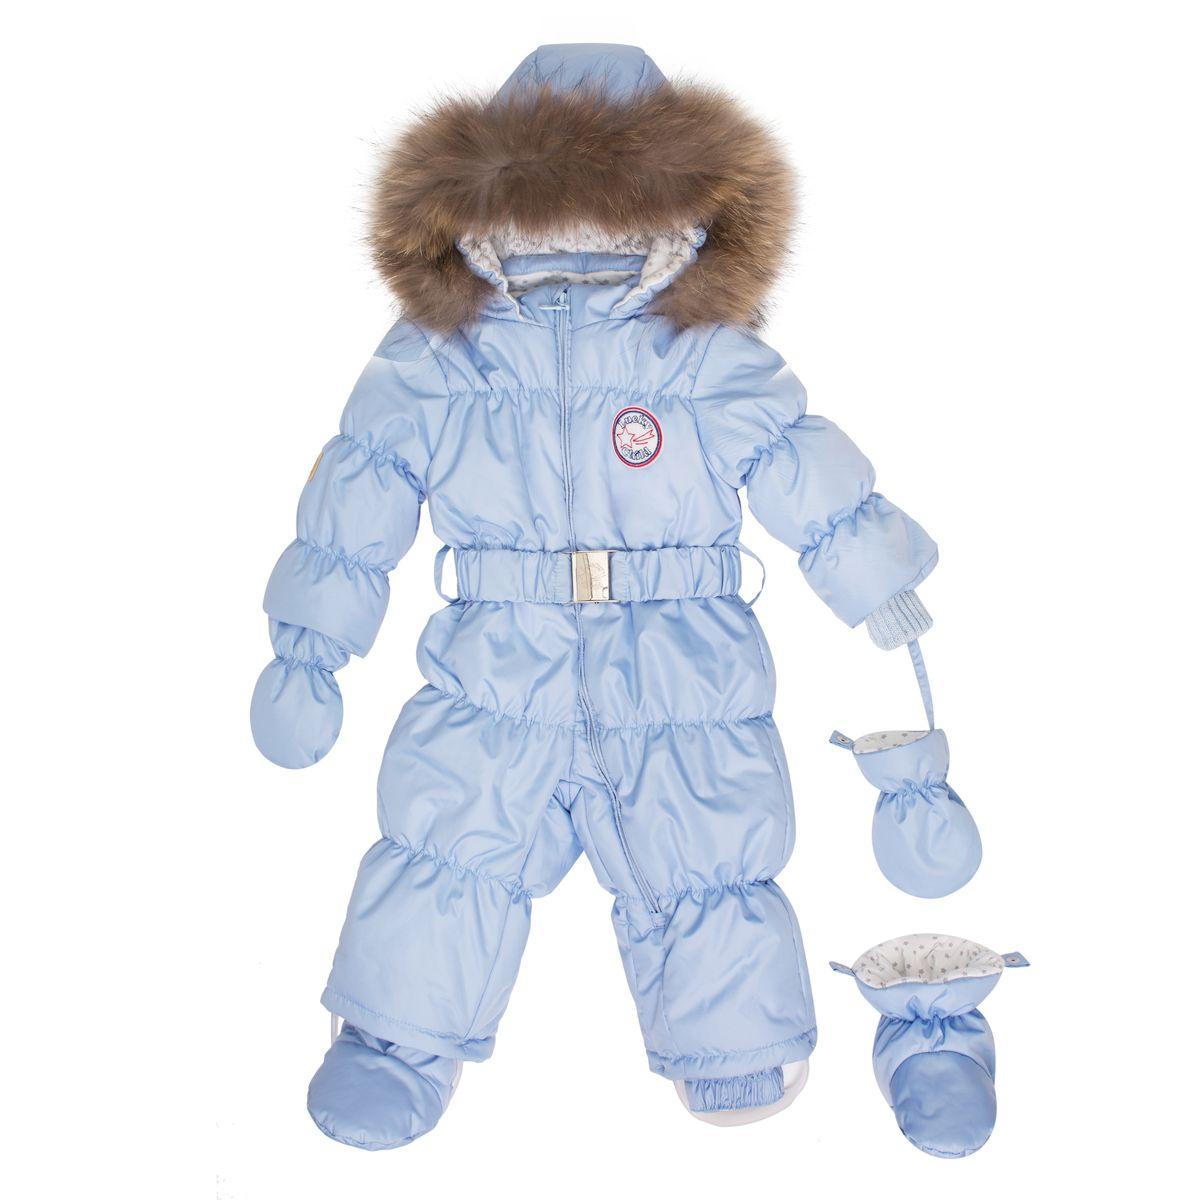 Комбинезон для мальчика Lucky Child, цвет: голубой. В1-3. Размер 68В1-3Этой зимой вашему малышу предстоит впервые увидеть снег? Подберите для этого важного знакомства удобный и тёплый комбинезон Lucky Child! Он выполнен из курточной ткани с влагостойкой пропиткой, а значит, не промокнет, даже если Ваша кроха, знакомясь со снегом, решит нырнуть в сугроб. Наполнитель – лёгкий и тёплый Isosoft, который позволит ребёнку не мёрзнуть при температуре до -30° и при этом вести активную деятельность во время прогулки. Трикотажная подкладка (кулирка) обладает воздухопроницаемыми и водоотводными свойствами, что очень важно, если малыш вспотеет. Капюшон оторочен натуральным мехом енота. Ножки и ручки малыша утеплят отстёгивающиеся варежки и сапожки.